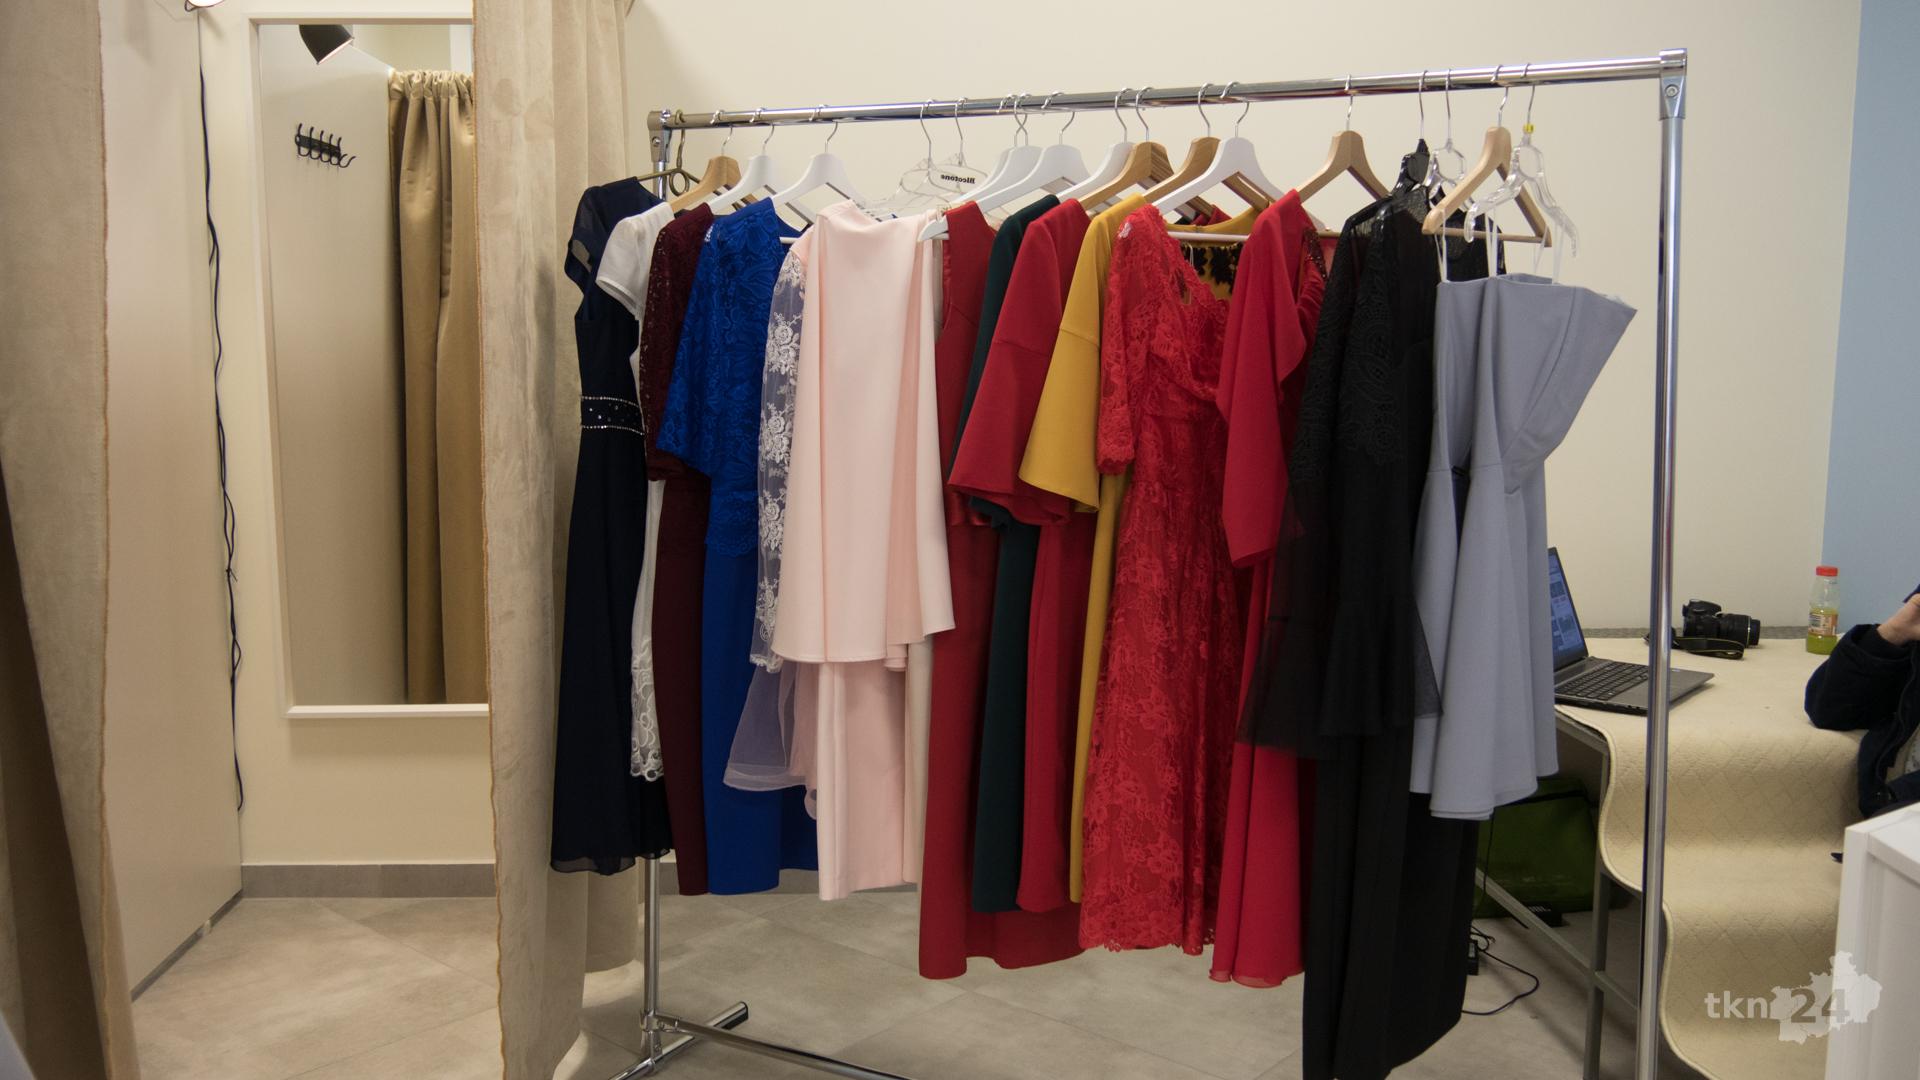 salon mody ślubnej i wizytowej w ko�skich 04 � tkn24